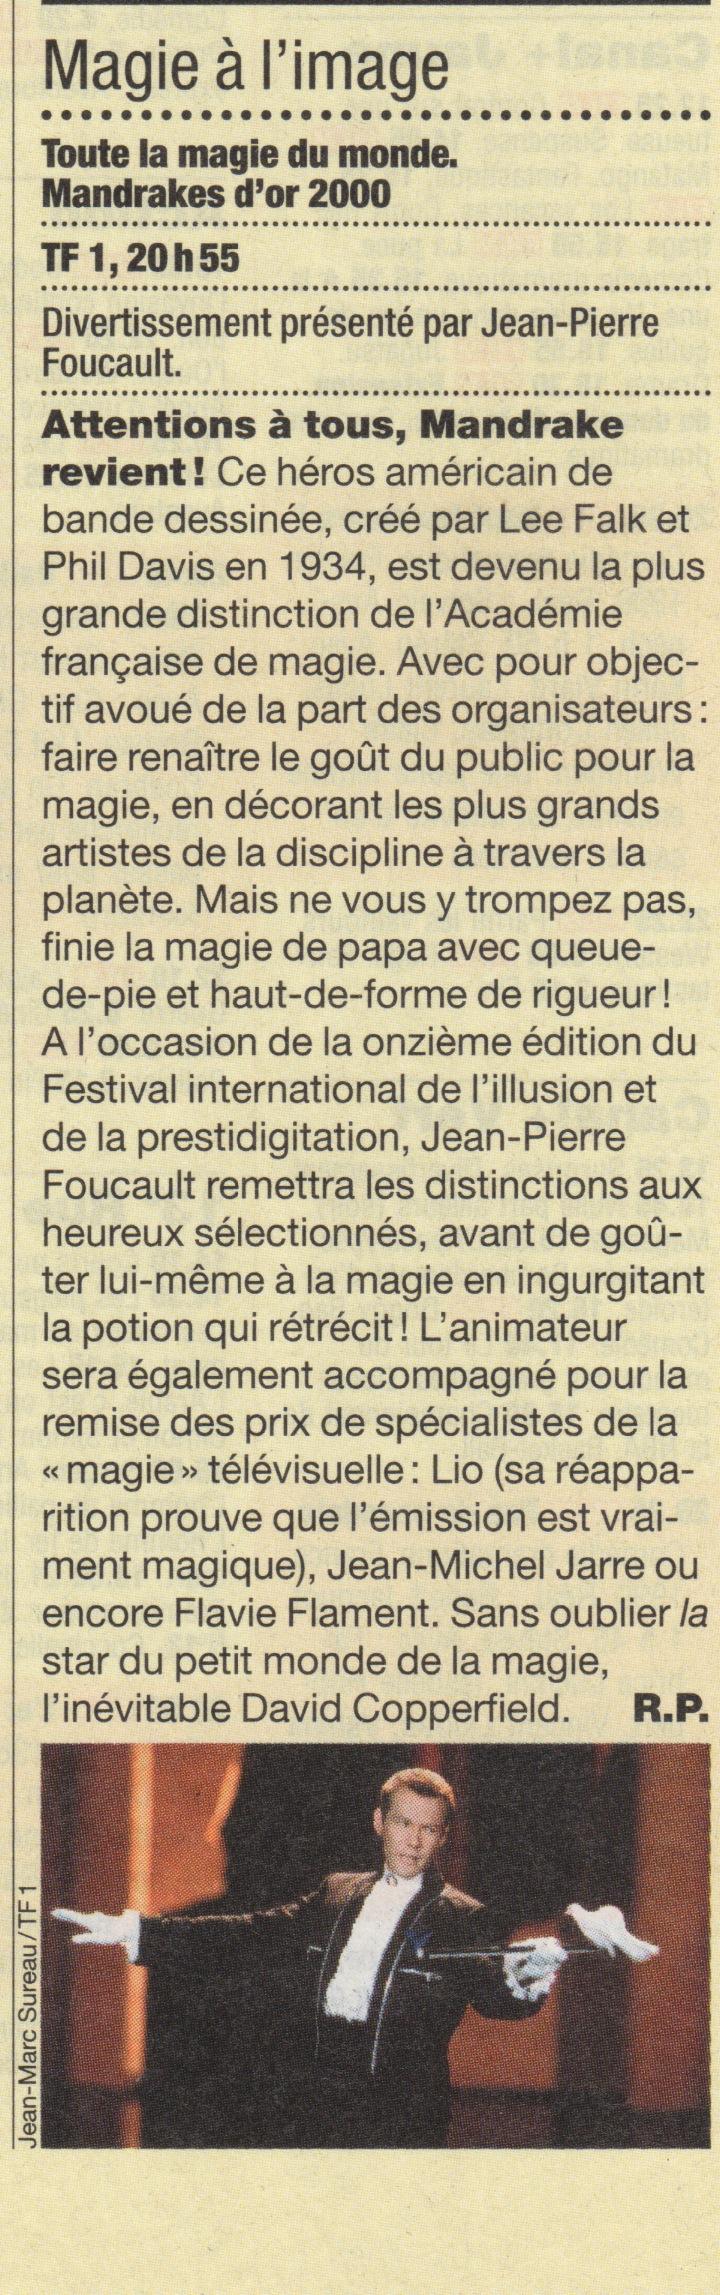 L'évènement France Soir Novembre 2000